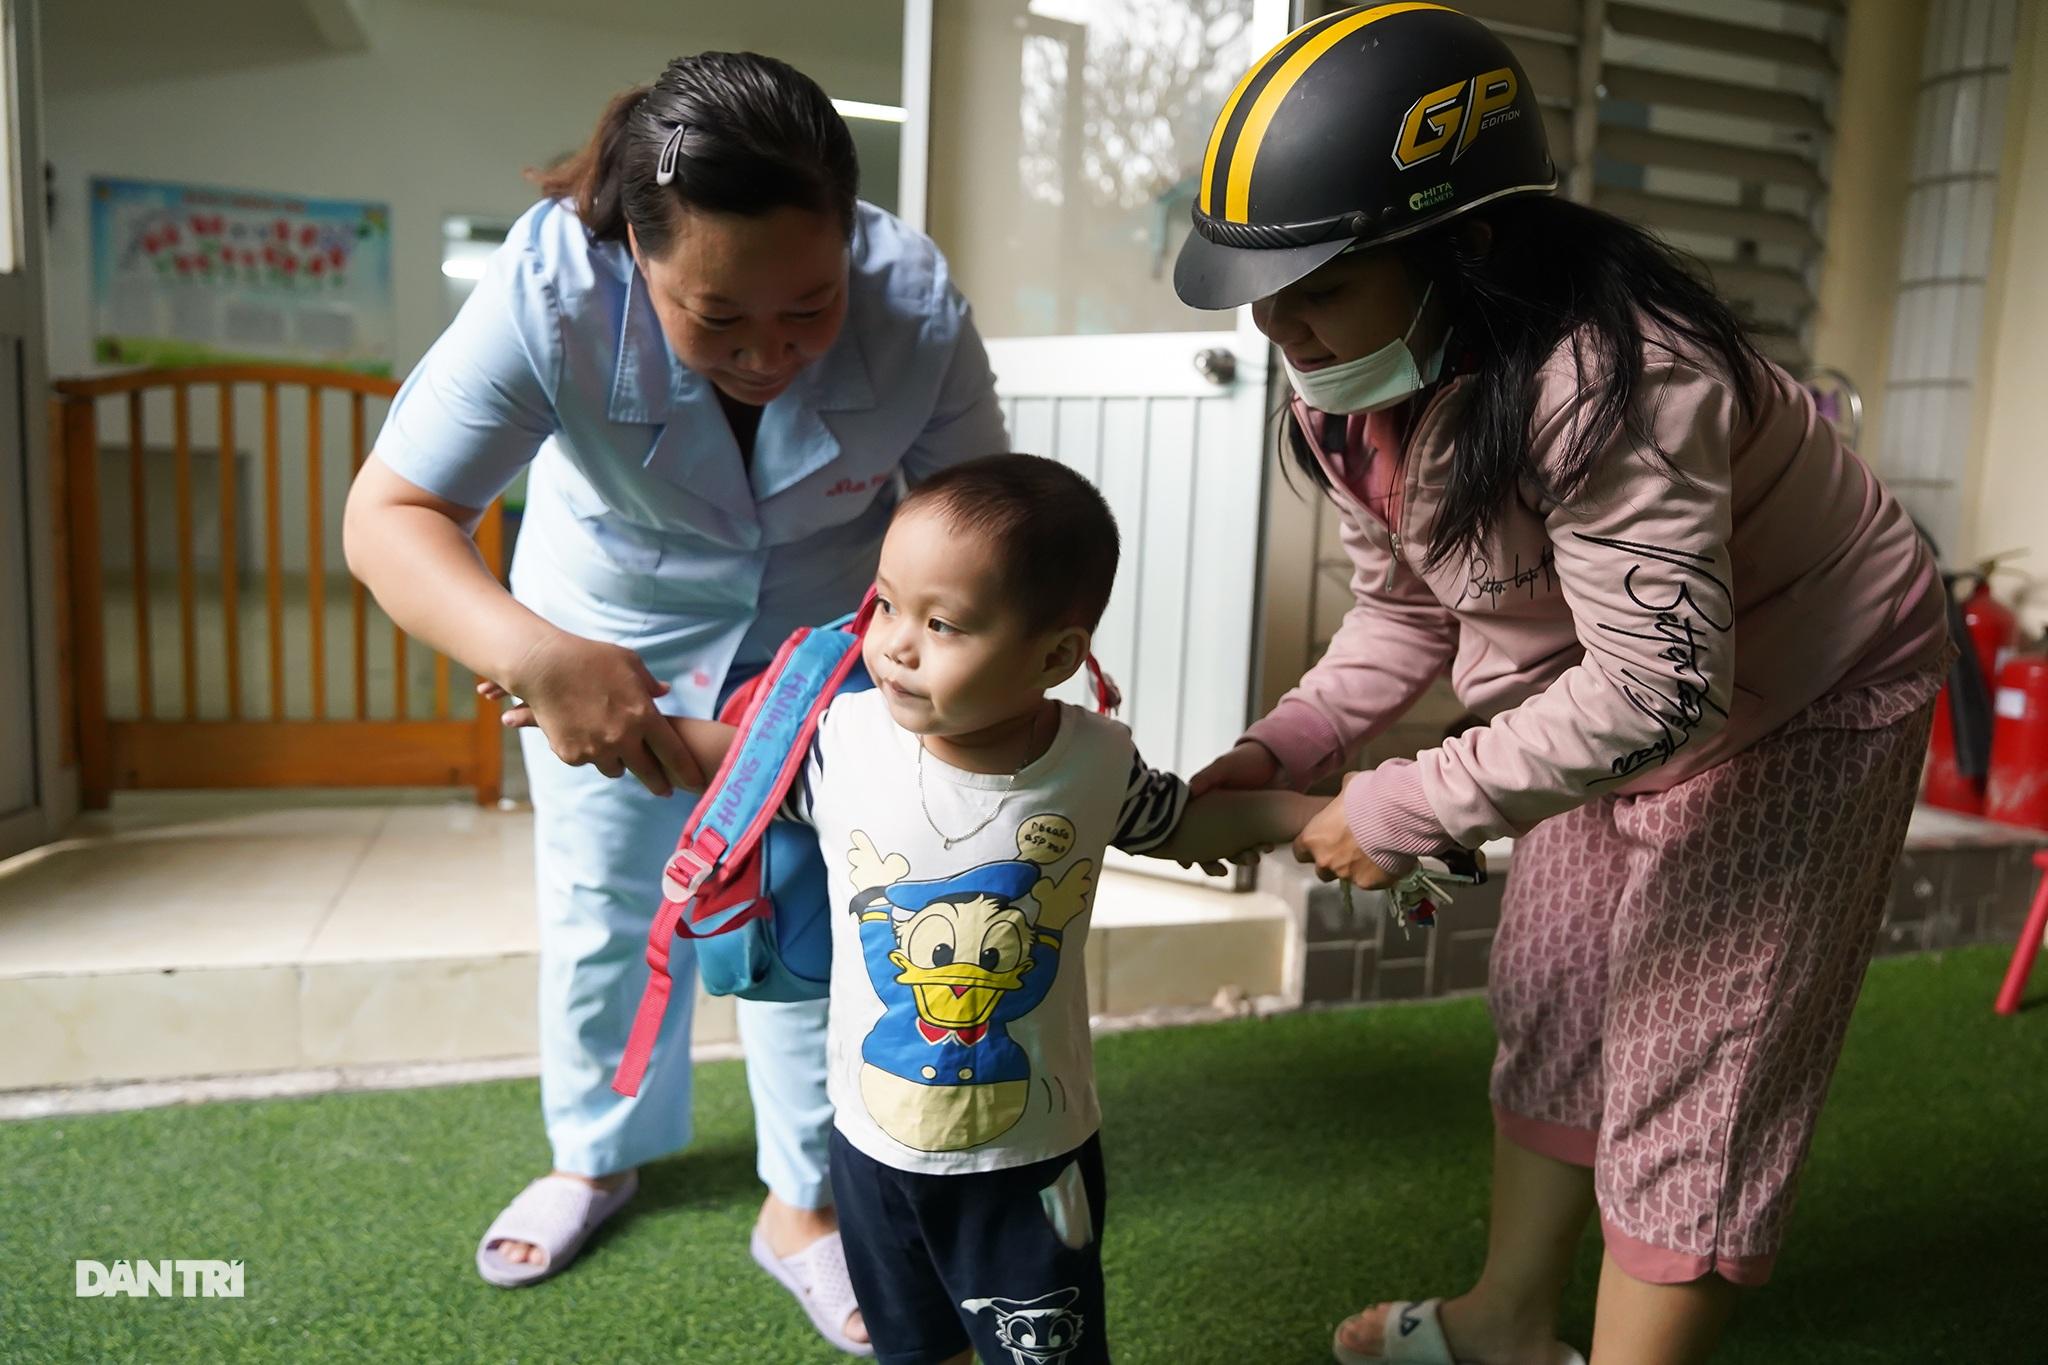 Dạy trẻ khuyết tật đòi hỏi phải kiên nhẫn và yêu thương - 12